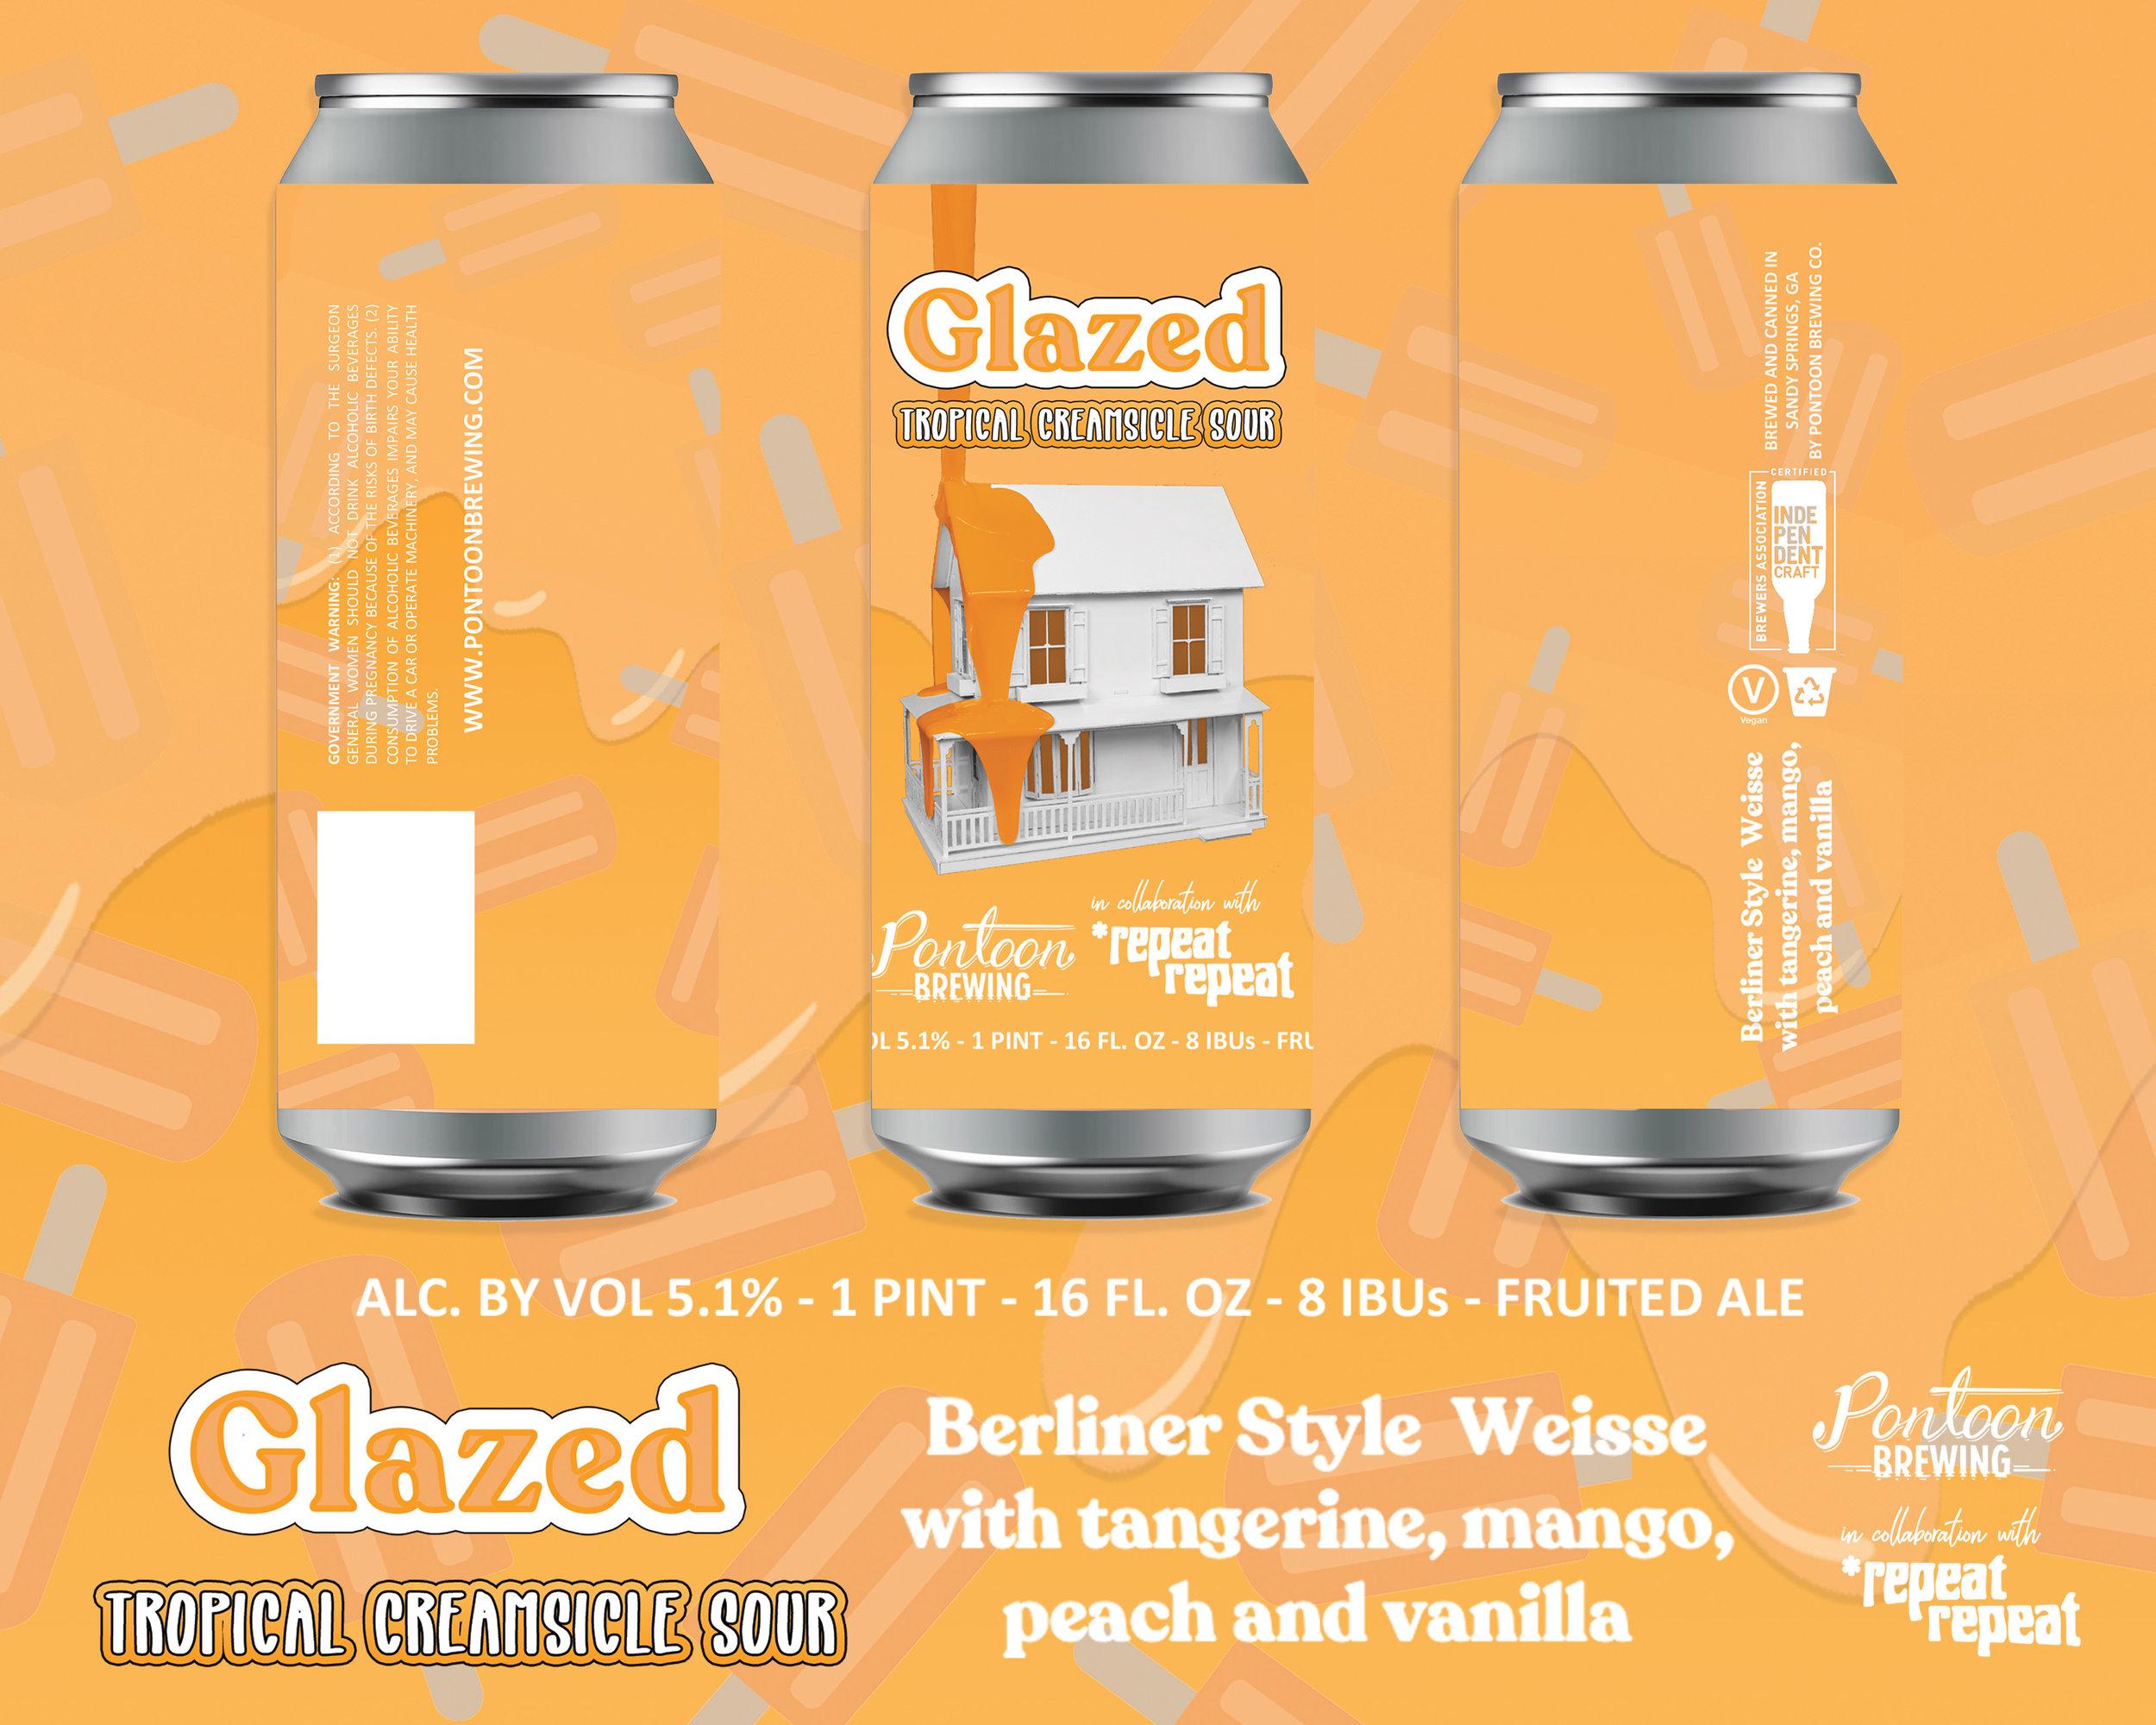 Glazed-beer-16oz-can-mockup-6.jpg